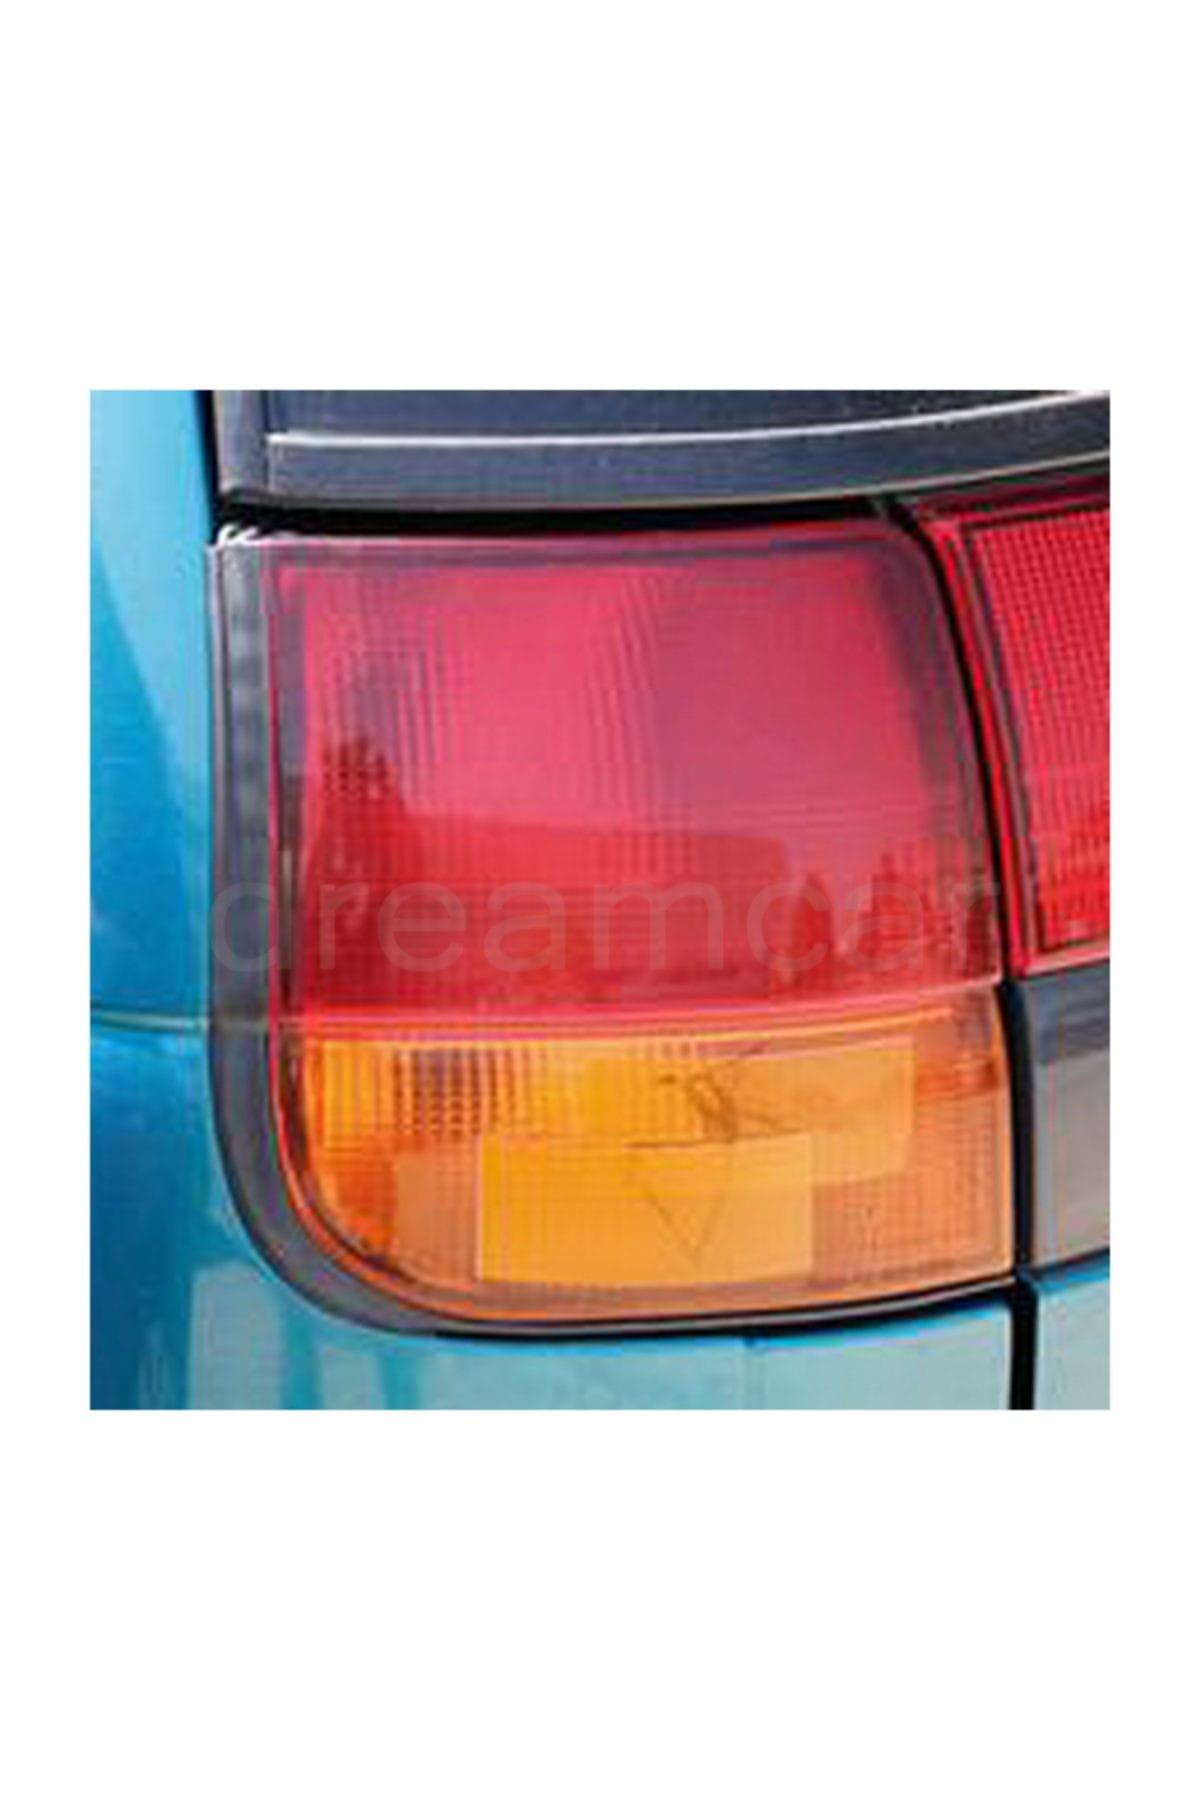 Lampa Sinyal, Stop Tamir Edici Transpan Bant 5x150cm 41531 2